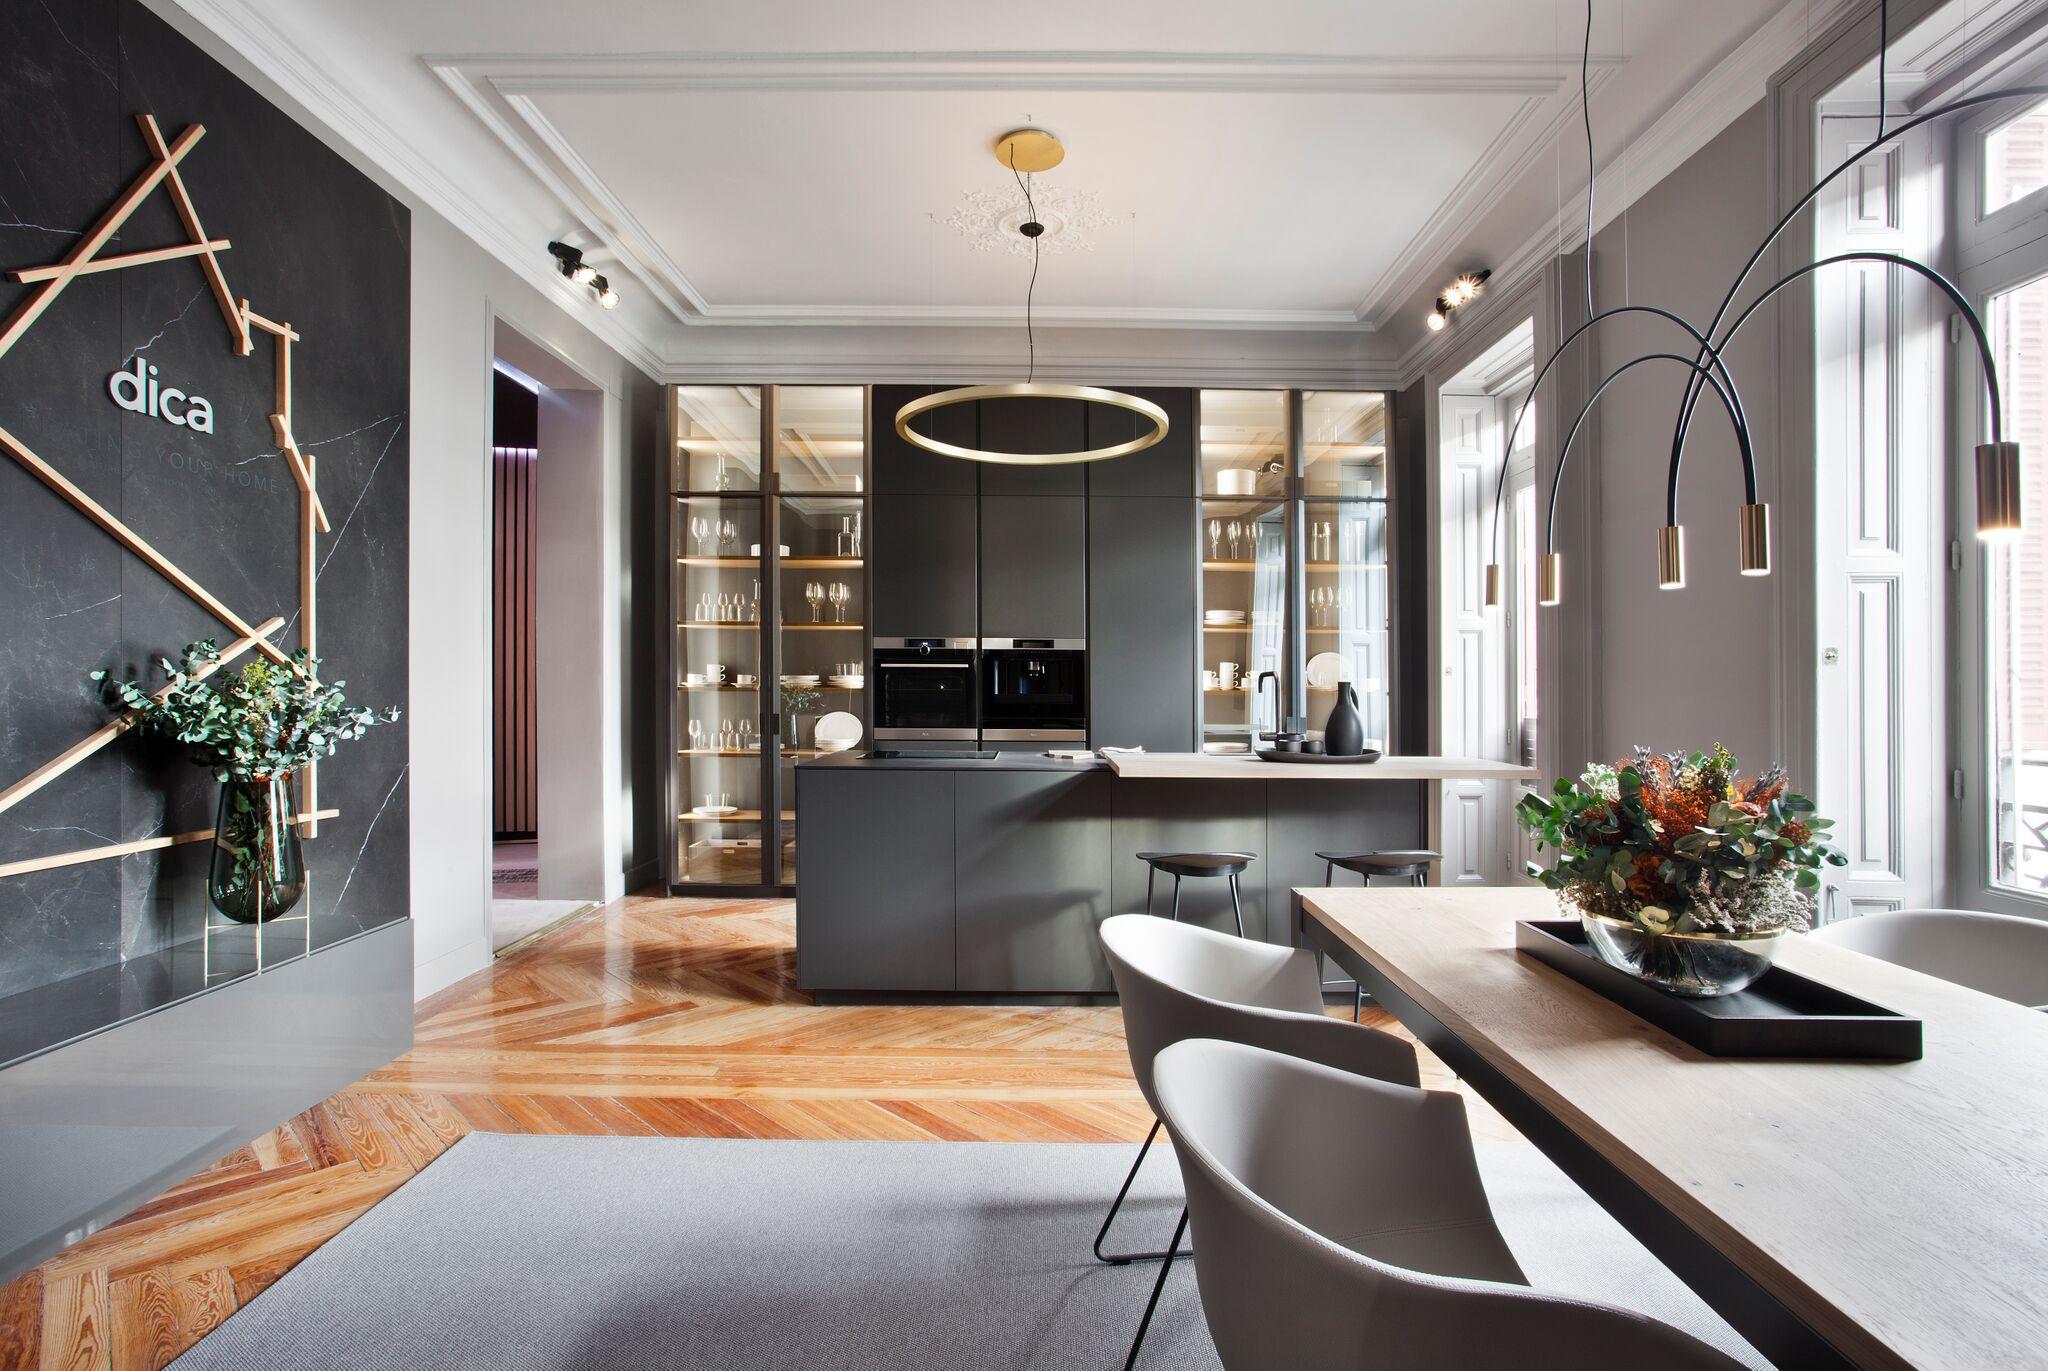 Cocina-comedor diseñada por el equipo Dica en Casa Decor 2018